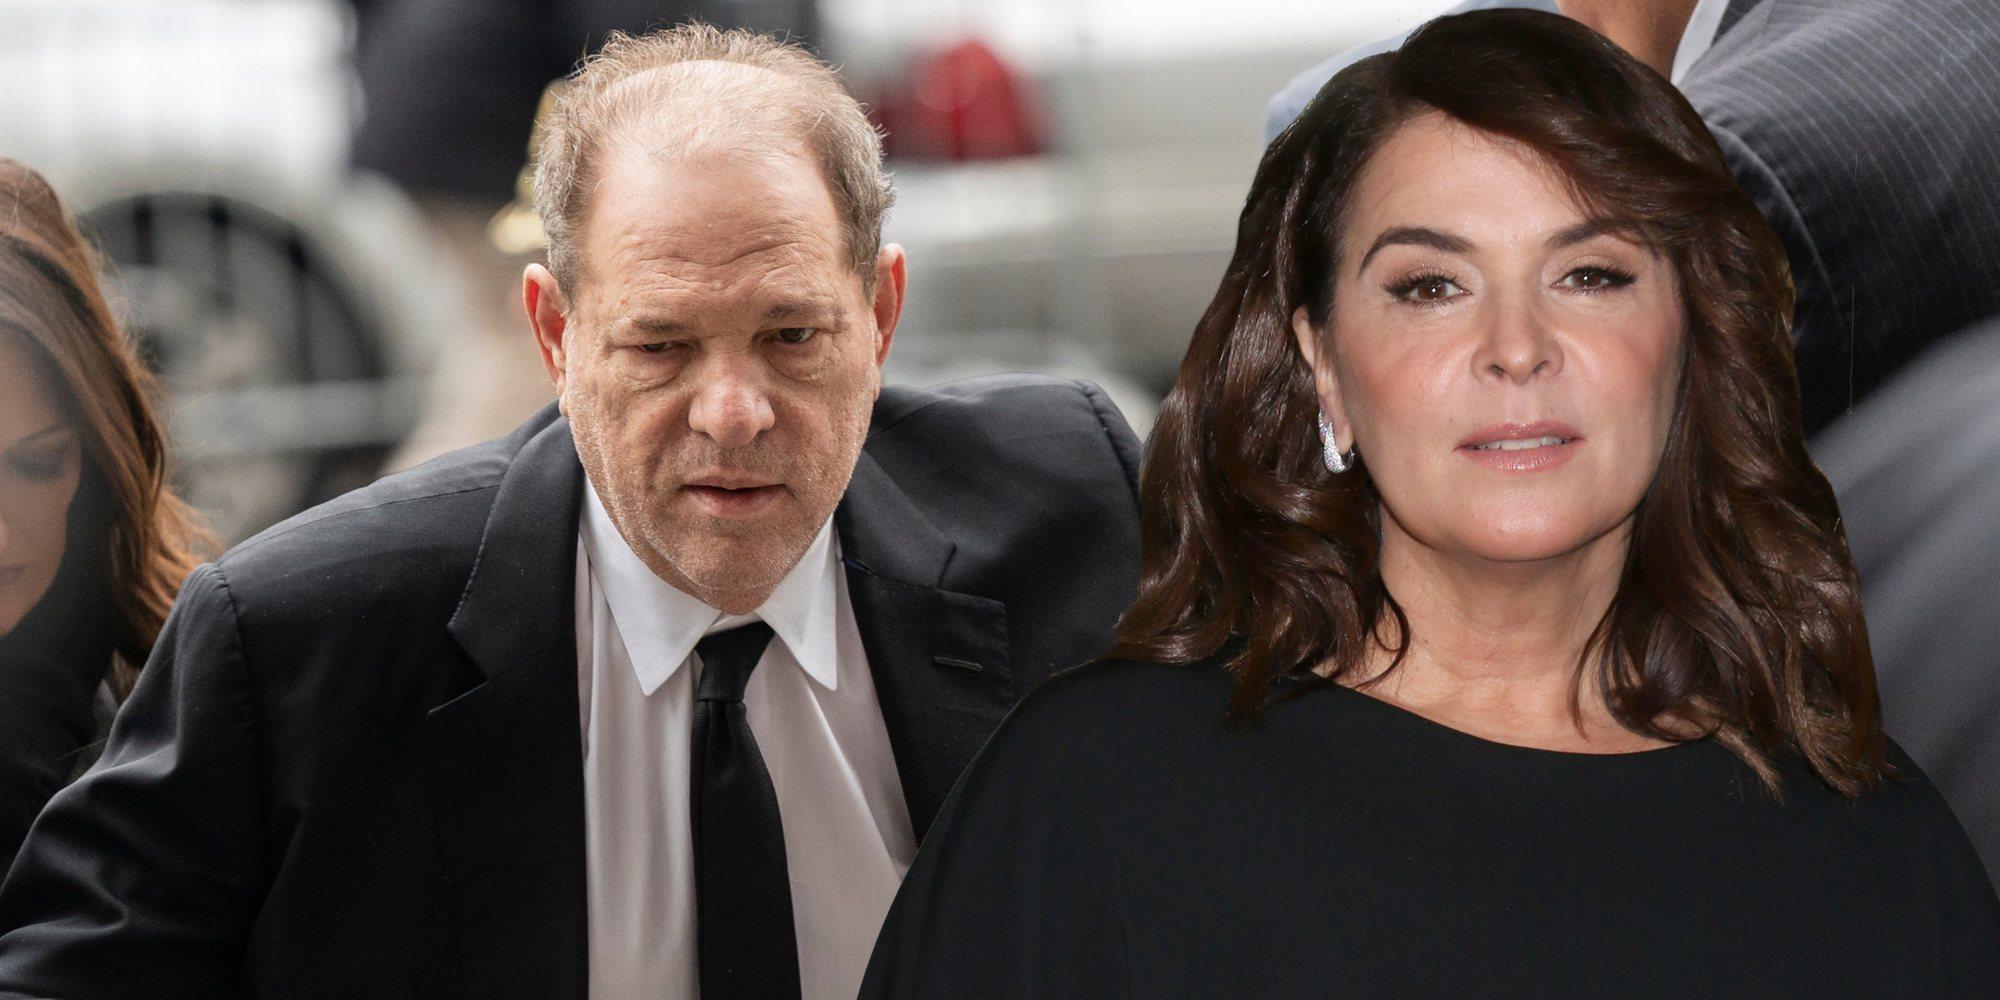 """Annabella Sciorra relata en el juicio cómo fue violada por Harvey Weinstein: """"Pensé que me daba un ataque"""""""